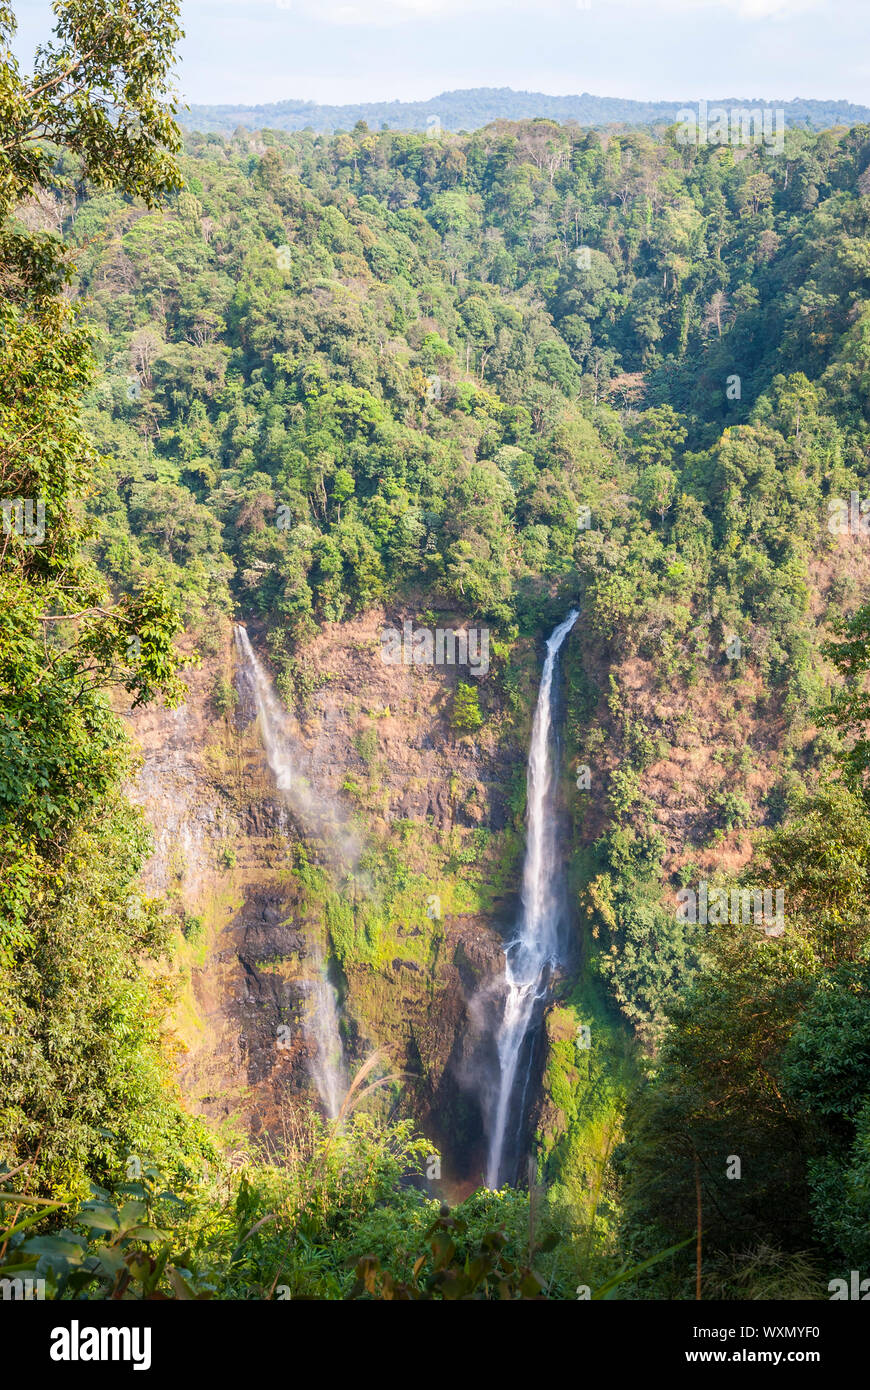 Tad Fane cascada impresionante desde arriba, Paksong, Laos Foto de stock